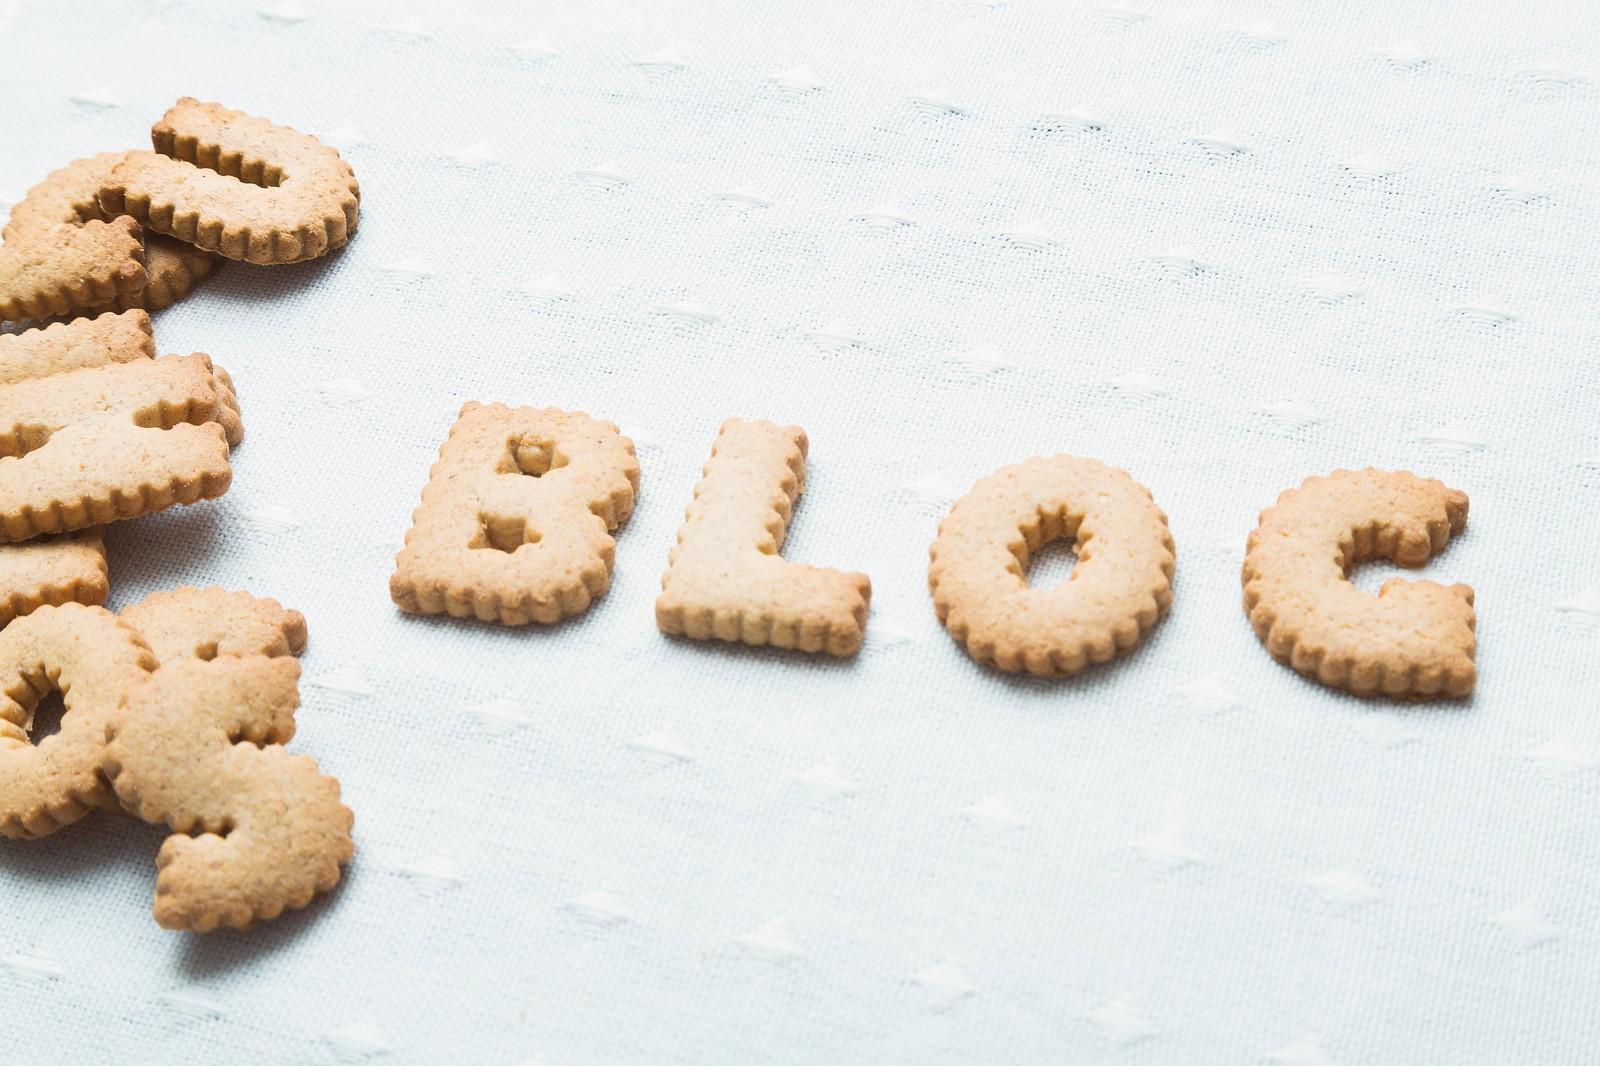 結局、ブログはWordPressと無料ブログ、どちらで作ったら良いのかな?